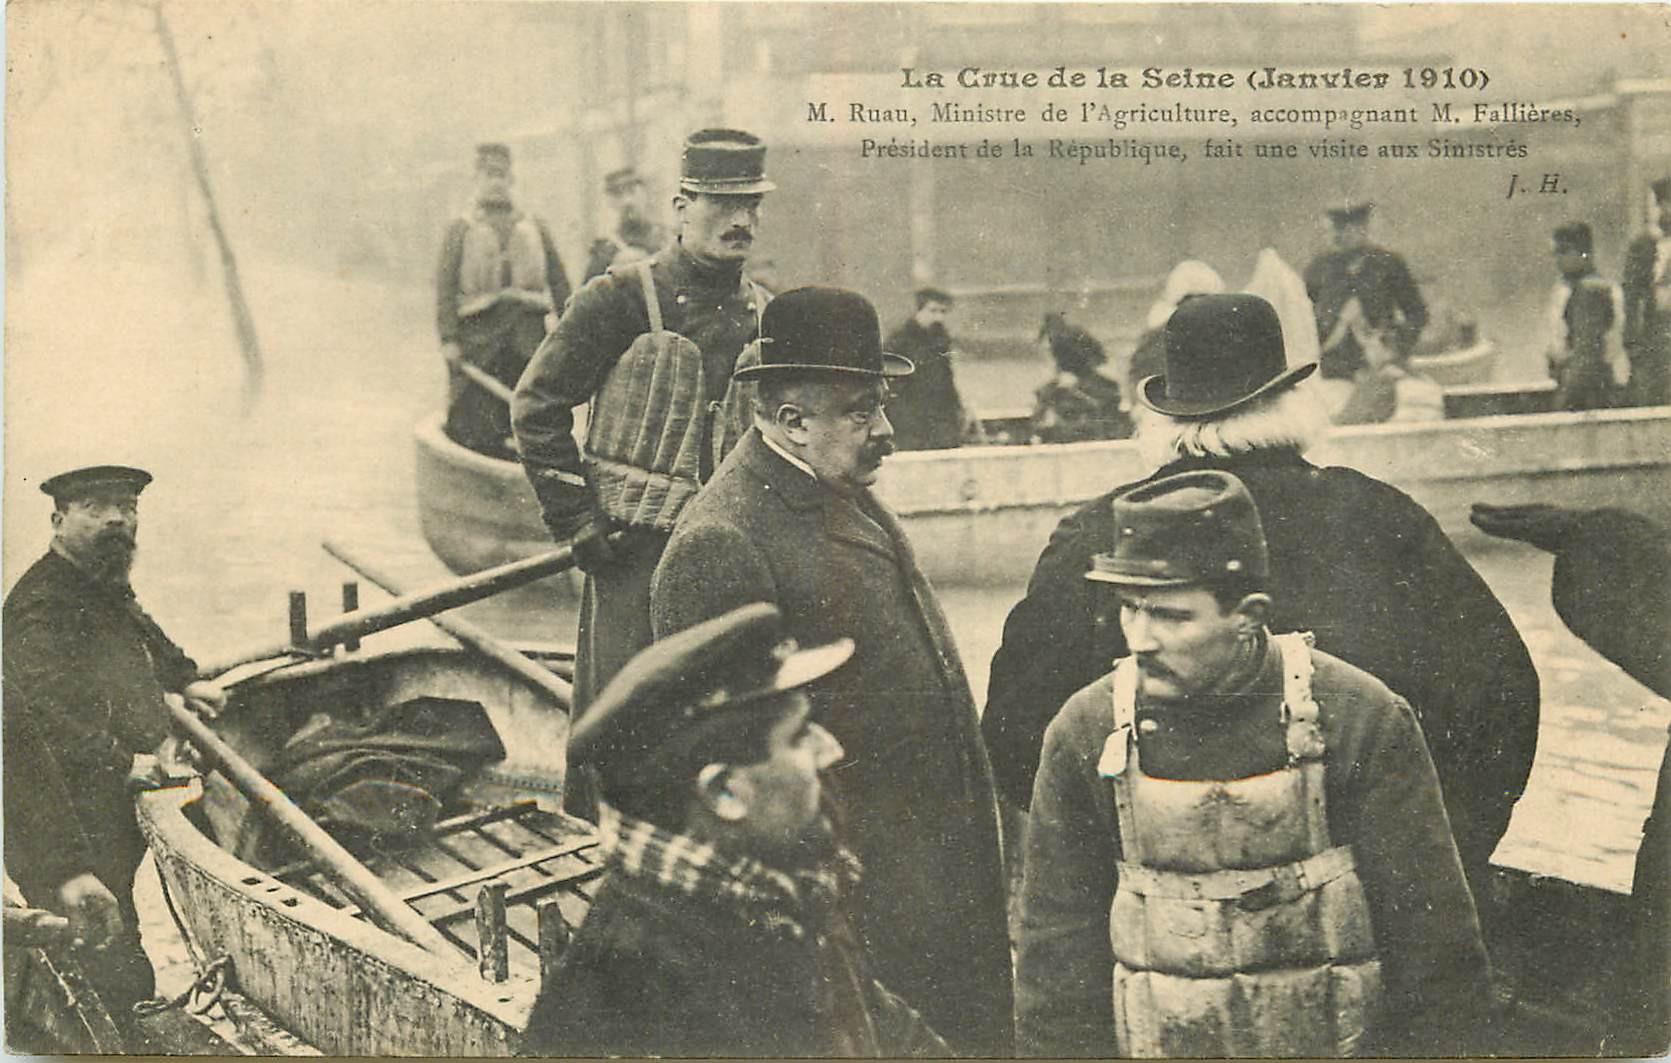 WW PARIS. Crue Seine 1910. Ruau Ministre Agriculture et Fallières Président République